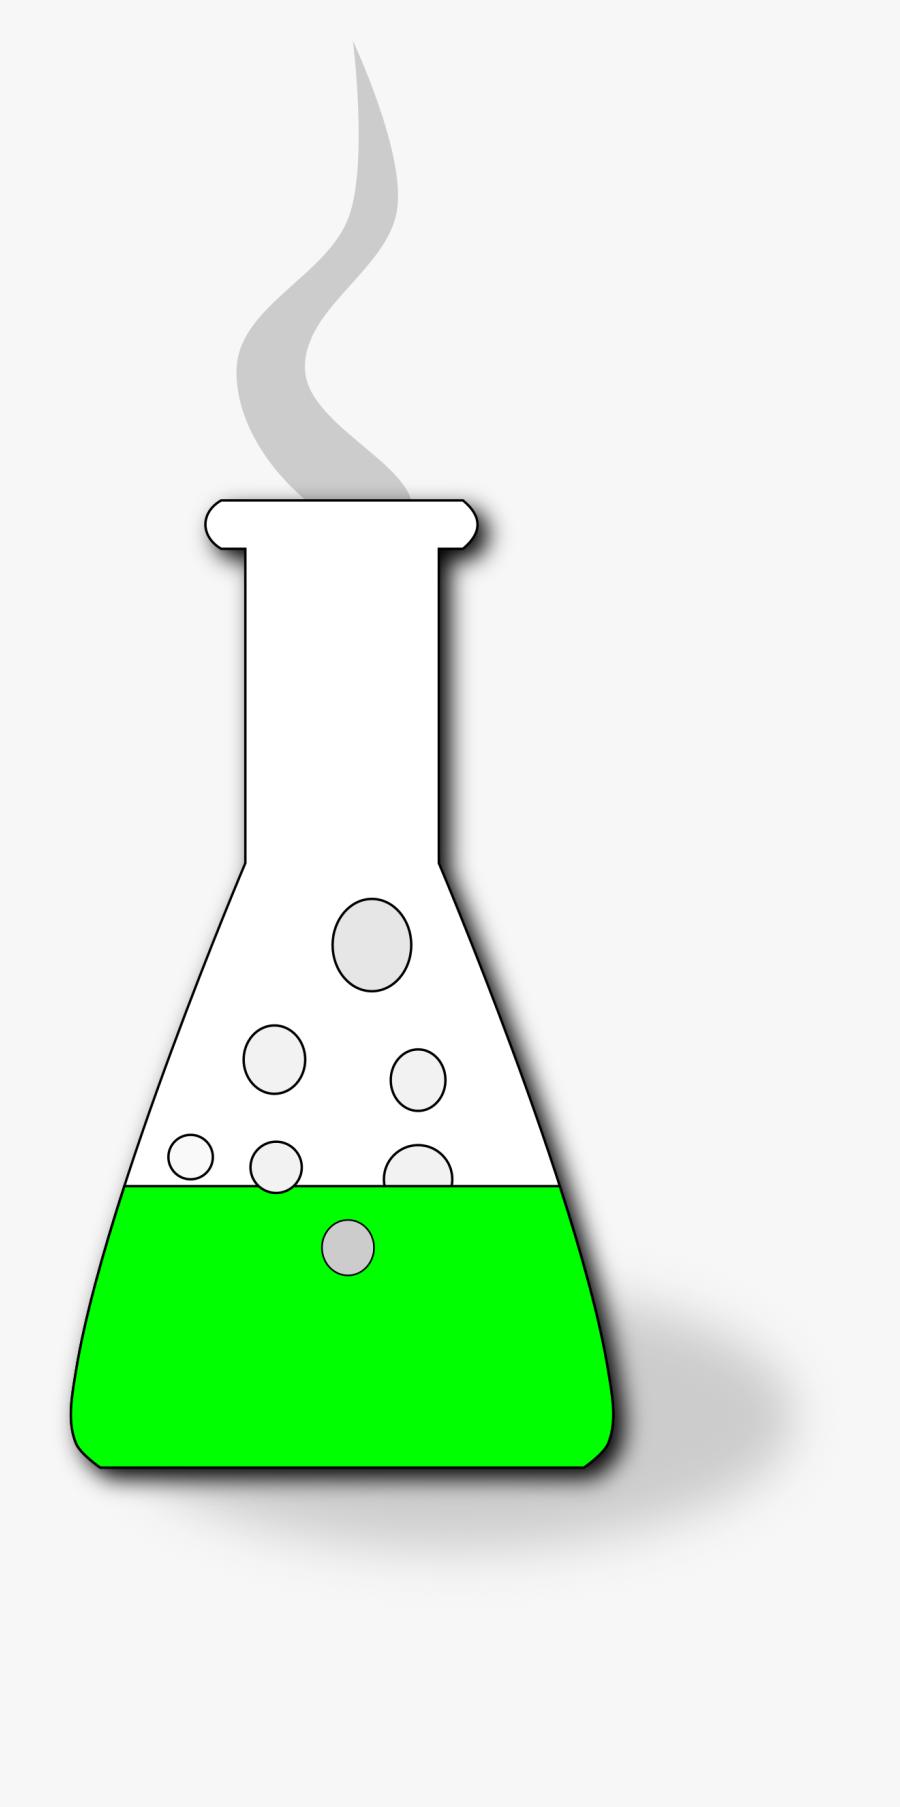 Green Clipart Beaker.